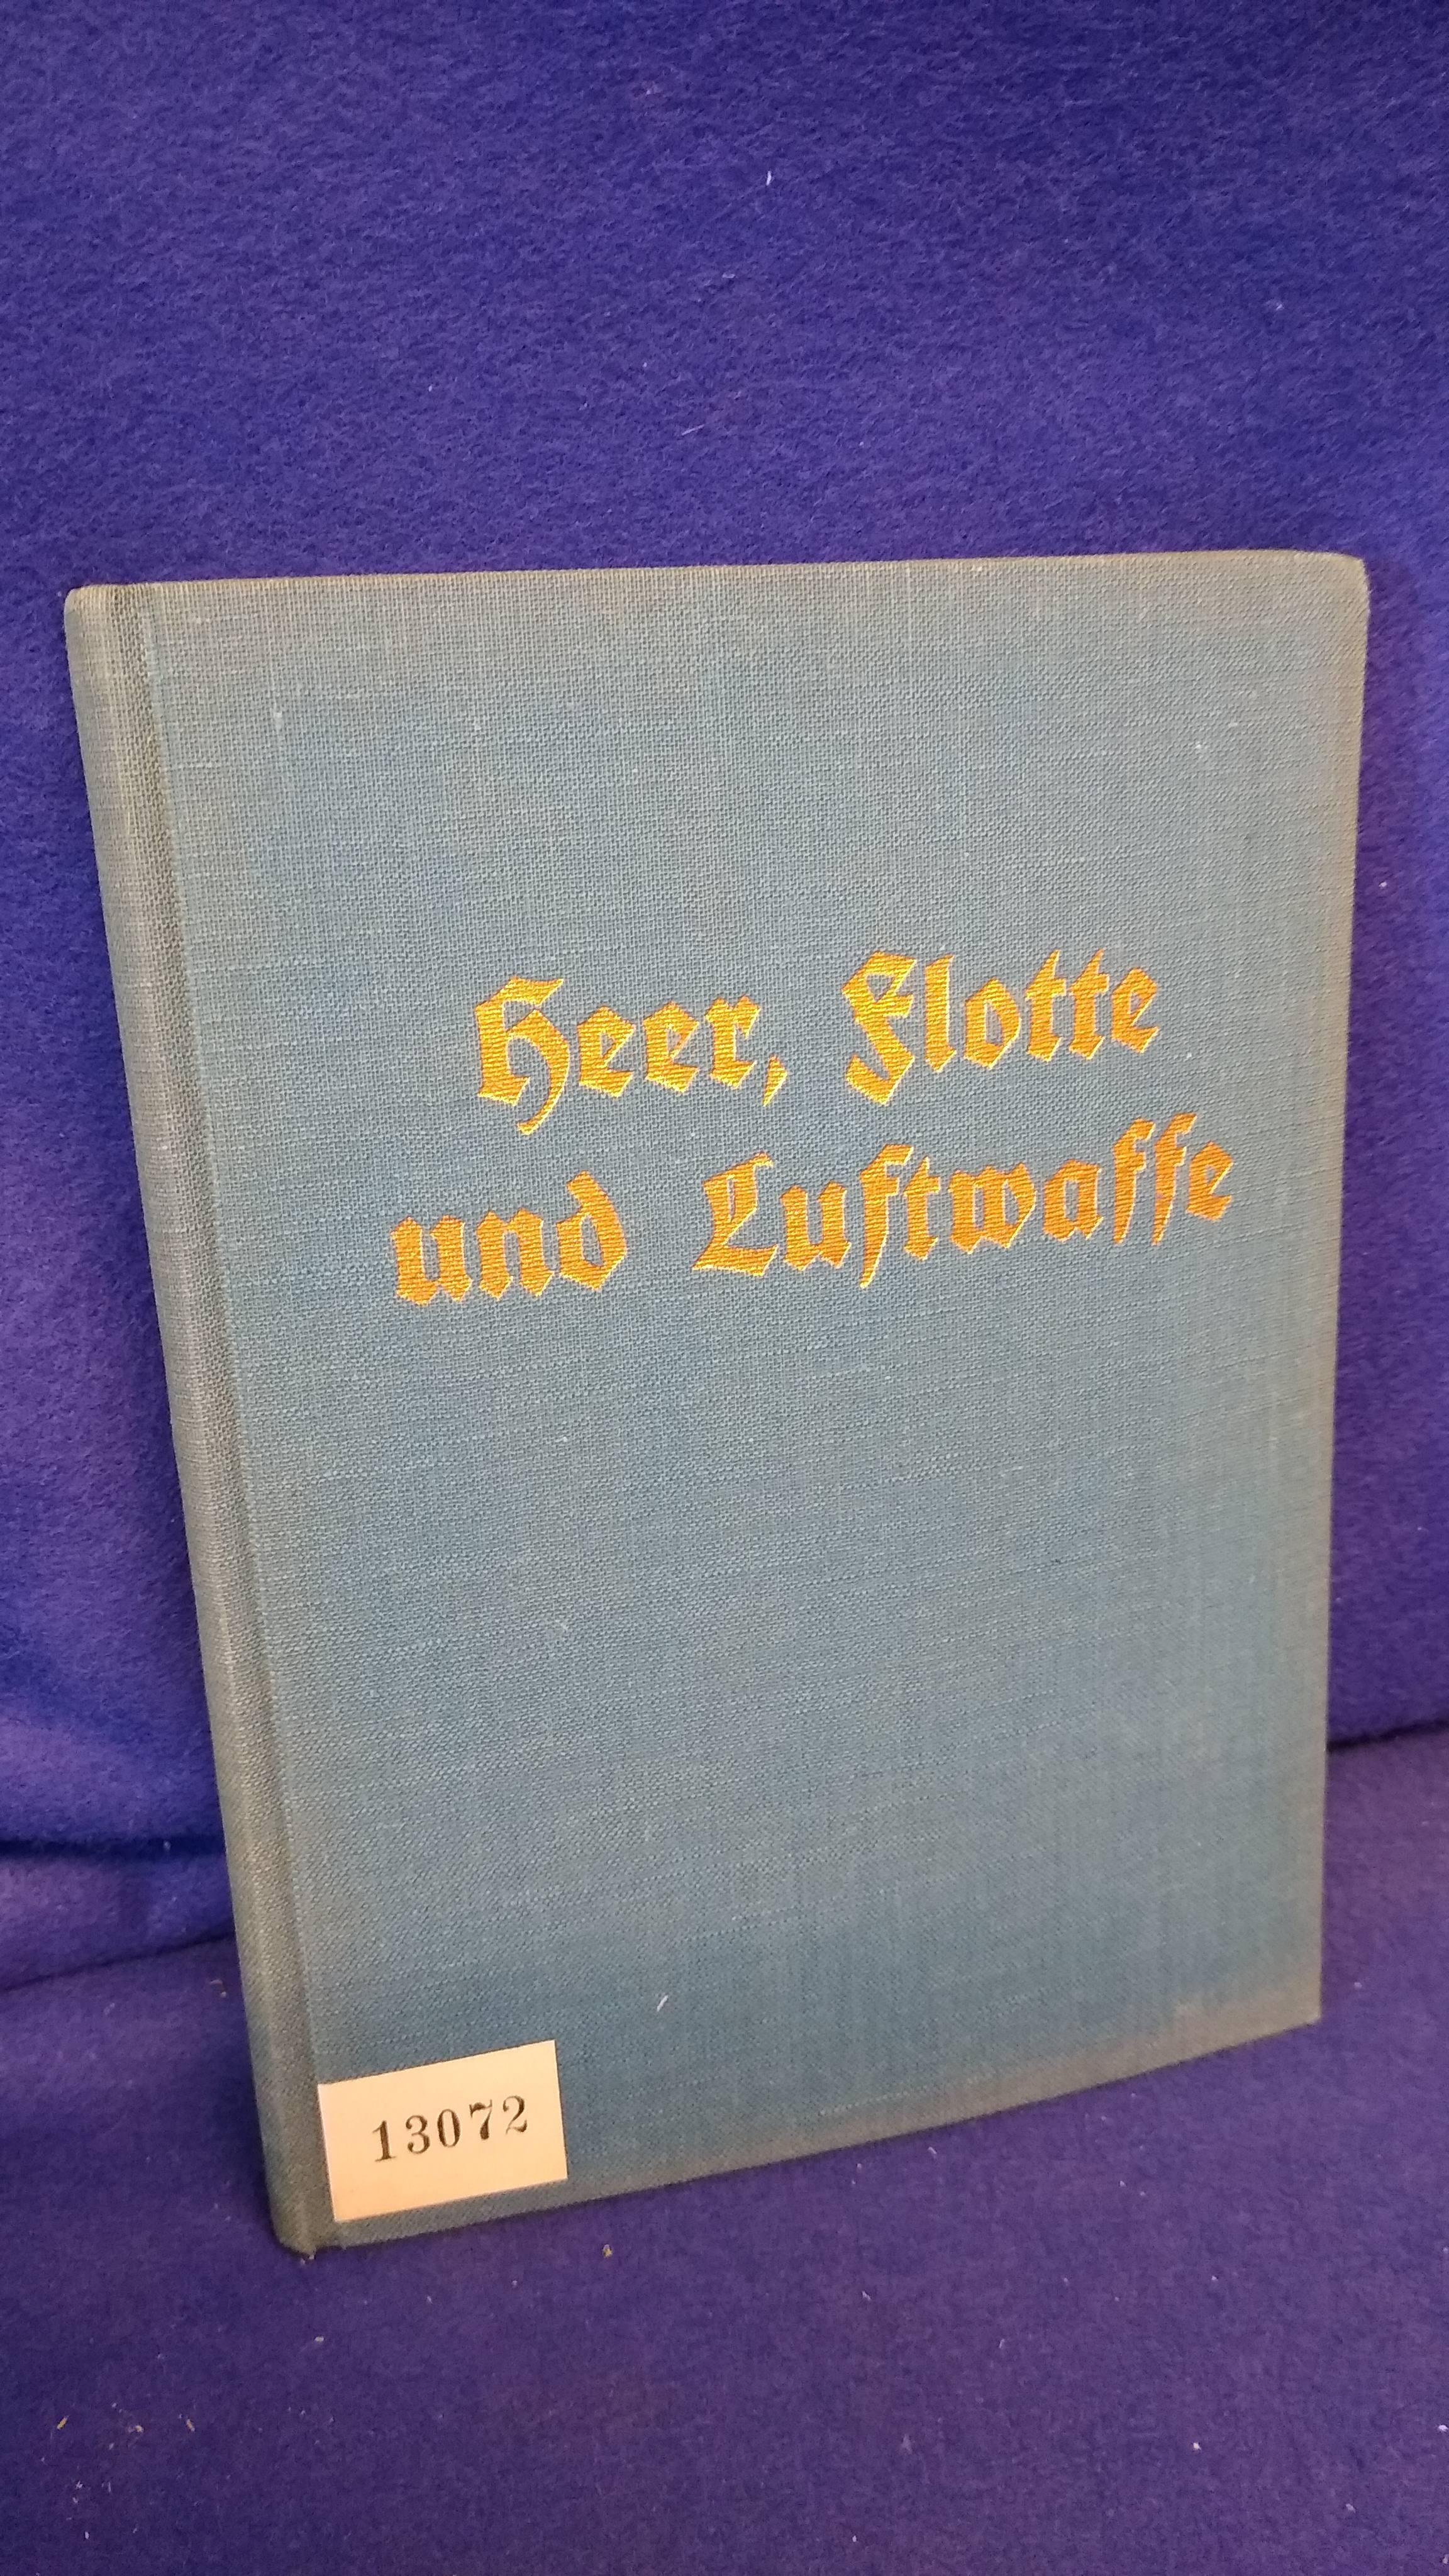 Heer, Flotte und Luftwaffe - Wehrpolitisches Taschenbuch -Jahrgang 1938